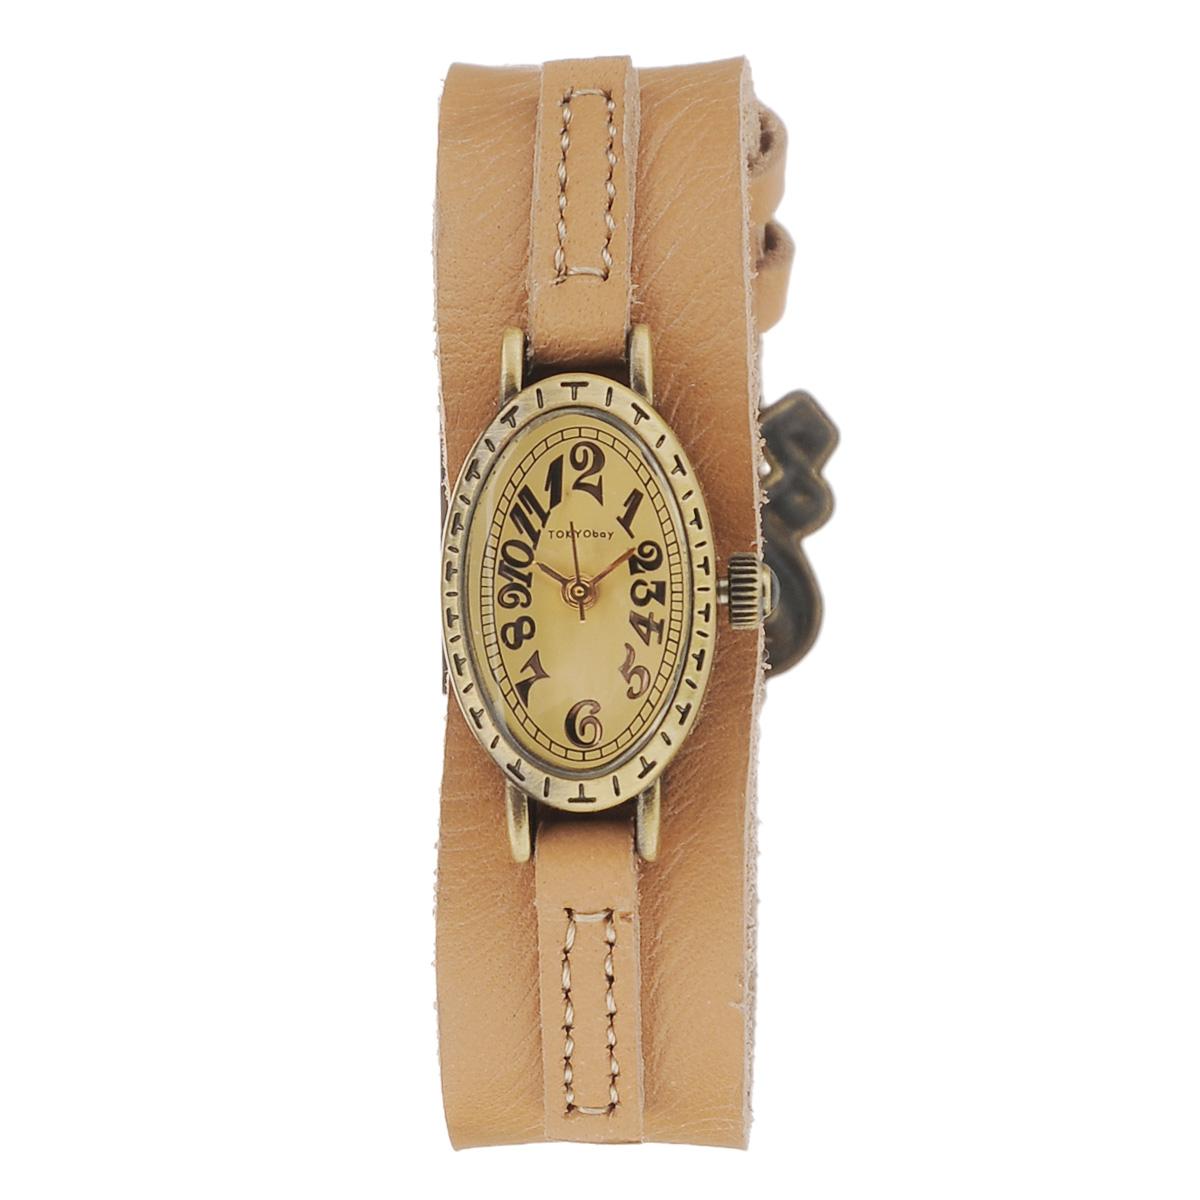 Часы женские наручные Tokyobay Tempo, цвет: светло-коричневый. T881-CAT881-CAНаручные часы Tokyobay - это стильное дополнение к вашему неповторимому образу. Эти часы созданы для современных женщин, ценящих стиль, качество и практичность. Часы оснащены японским кварцевым механизмом Miyota. Задняя крышка изготовлена из нержавеющей стали. Корпус изготовлен из металла, украшен тиснением. Циферблат оформлен декоративными цифрами, имеются часовая, минутная и секундная стрелки. Ремешок выполнен из кожи и застегивается на классическую застежку-пряжку. Часы Tokyobay - это практичный и модный аксессуар, который подчеркнет ваш безупречный вкус. Характеристики: Корпус: 2,5 х 1,6 х 0,7 см. Размер ремешка: 19 х 1,8 см. Не содержит никель. Не водостойкие.